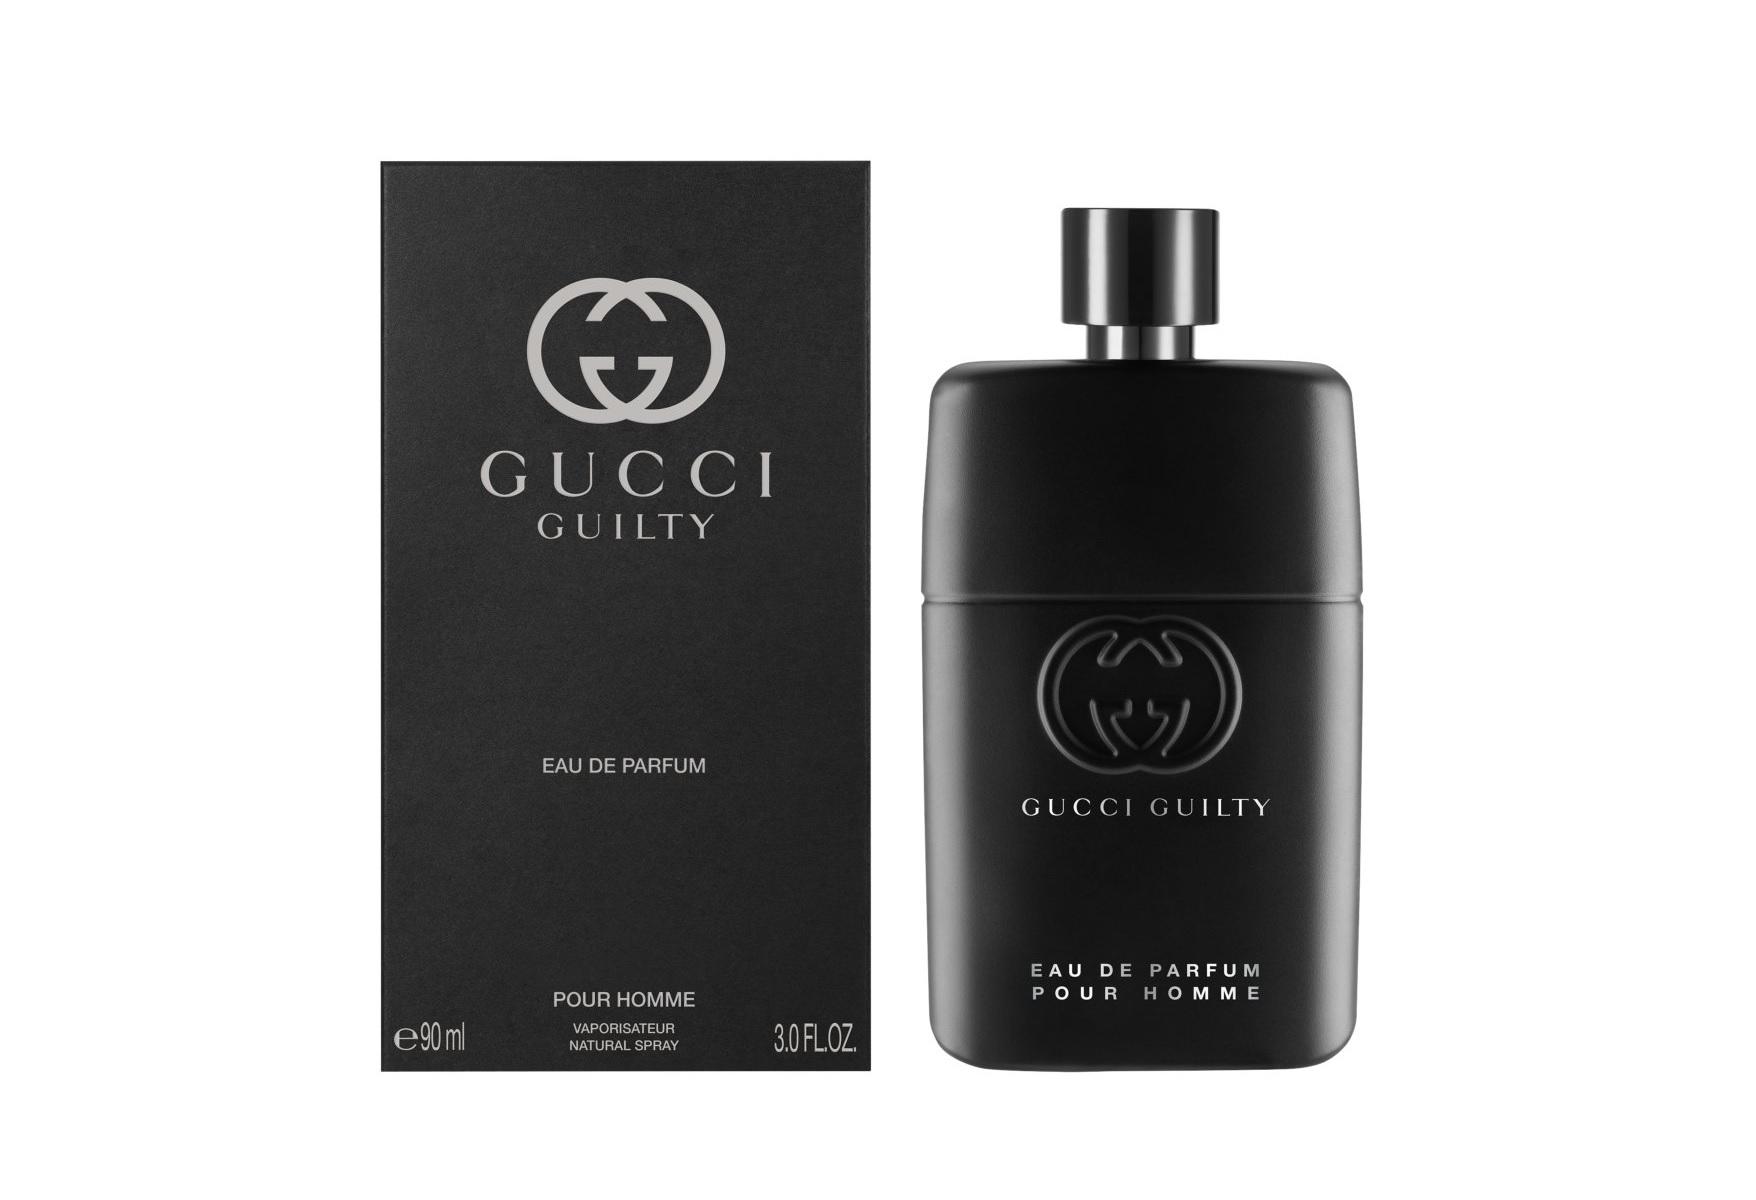 Gucci Guilty Pour Homme Eau de Parfum 50 mL